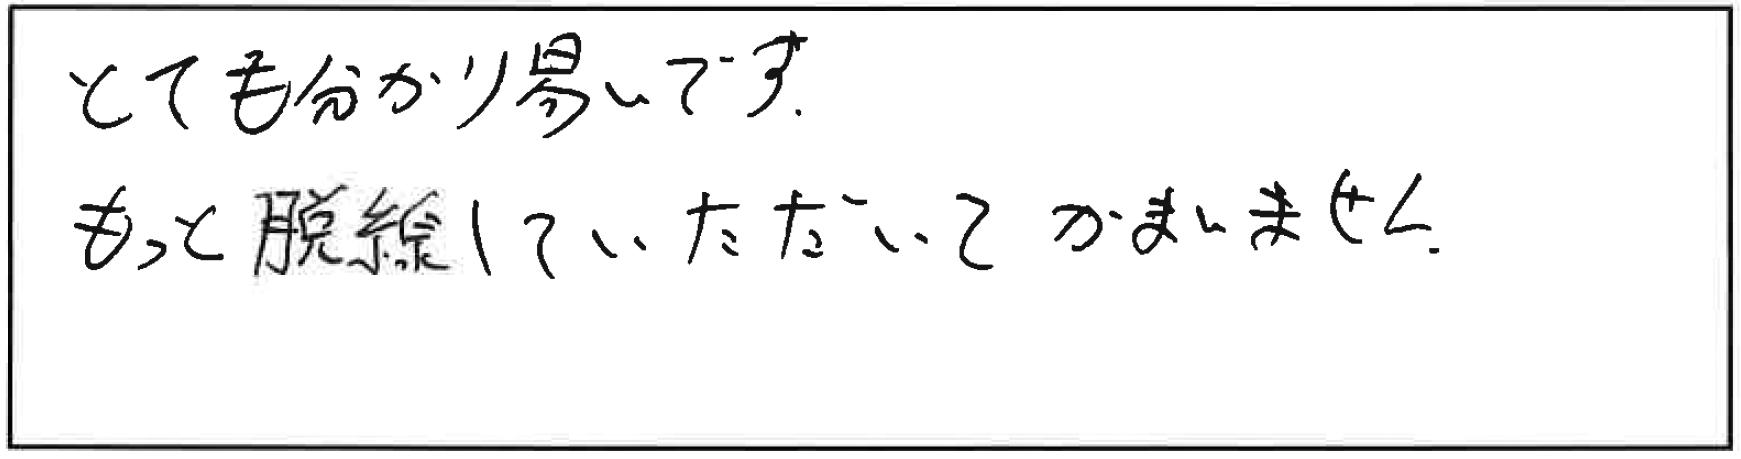 吉澤塾 半年コースの参加者の声画像298